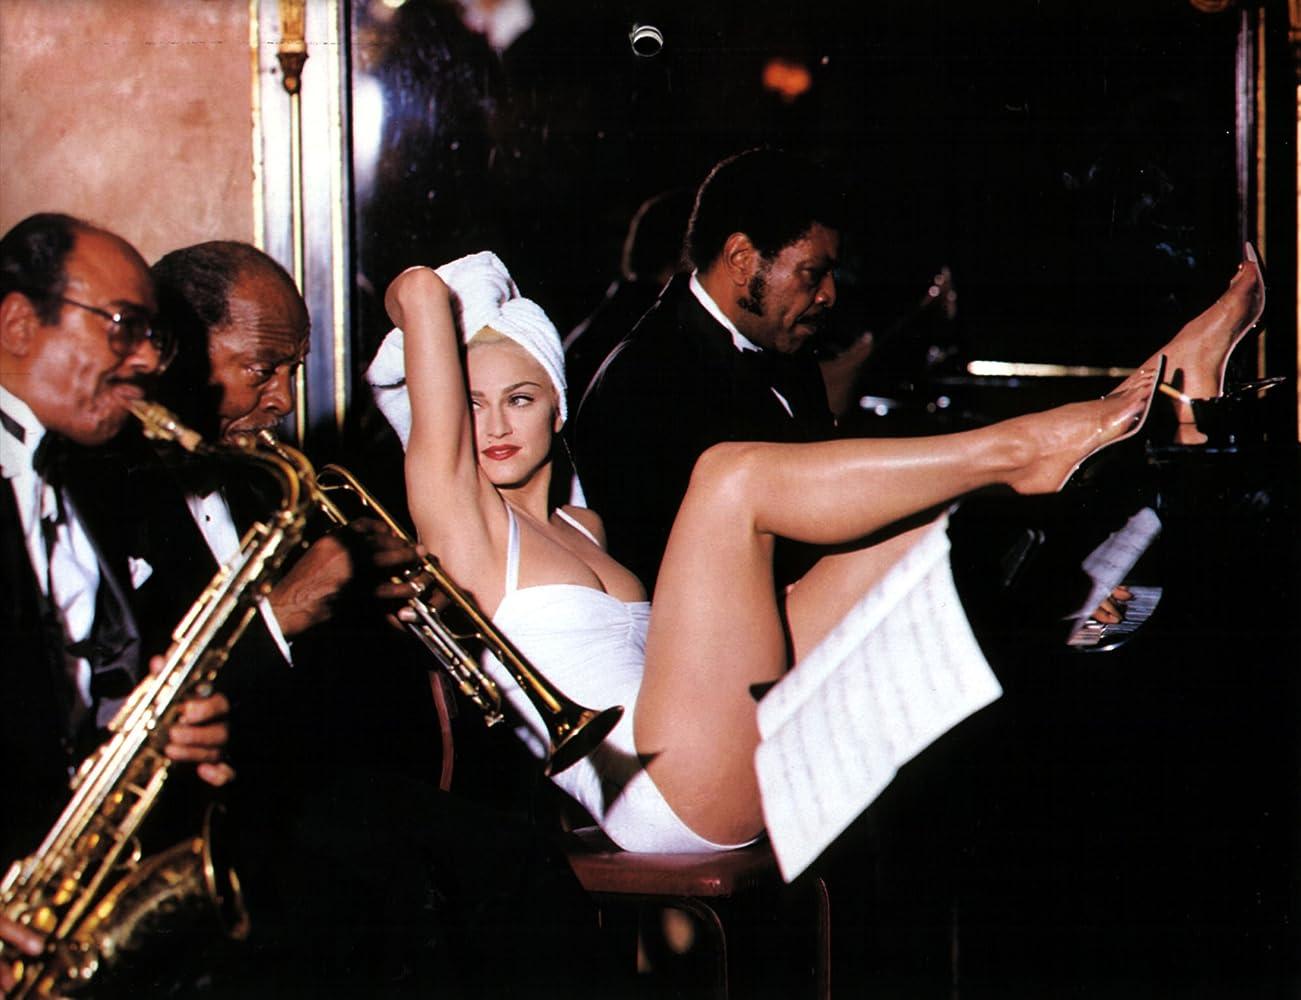 'Blond Ambition': El icónico tour de Madonna cargado de erotismo, moda y religión